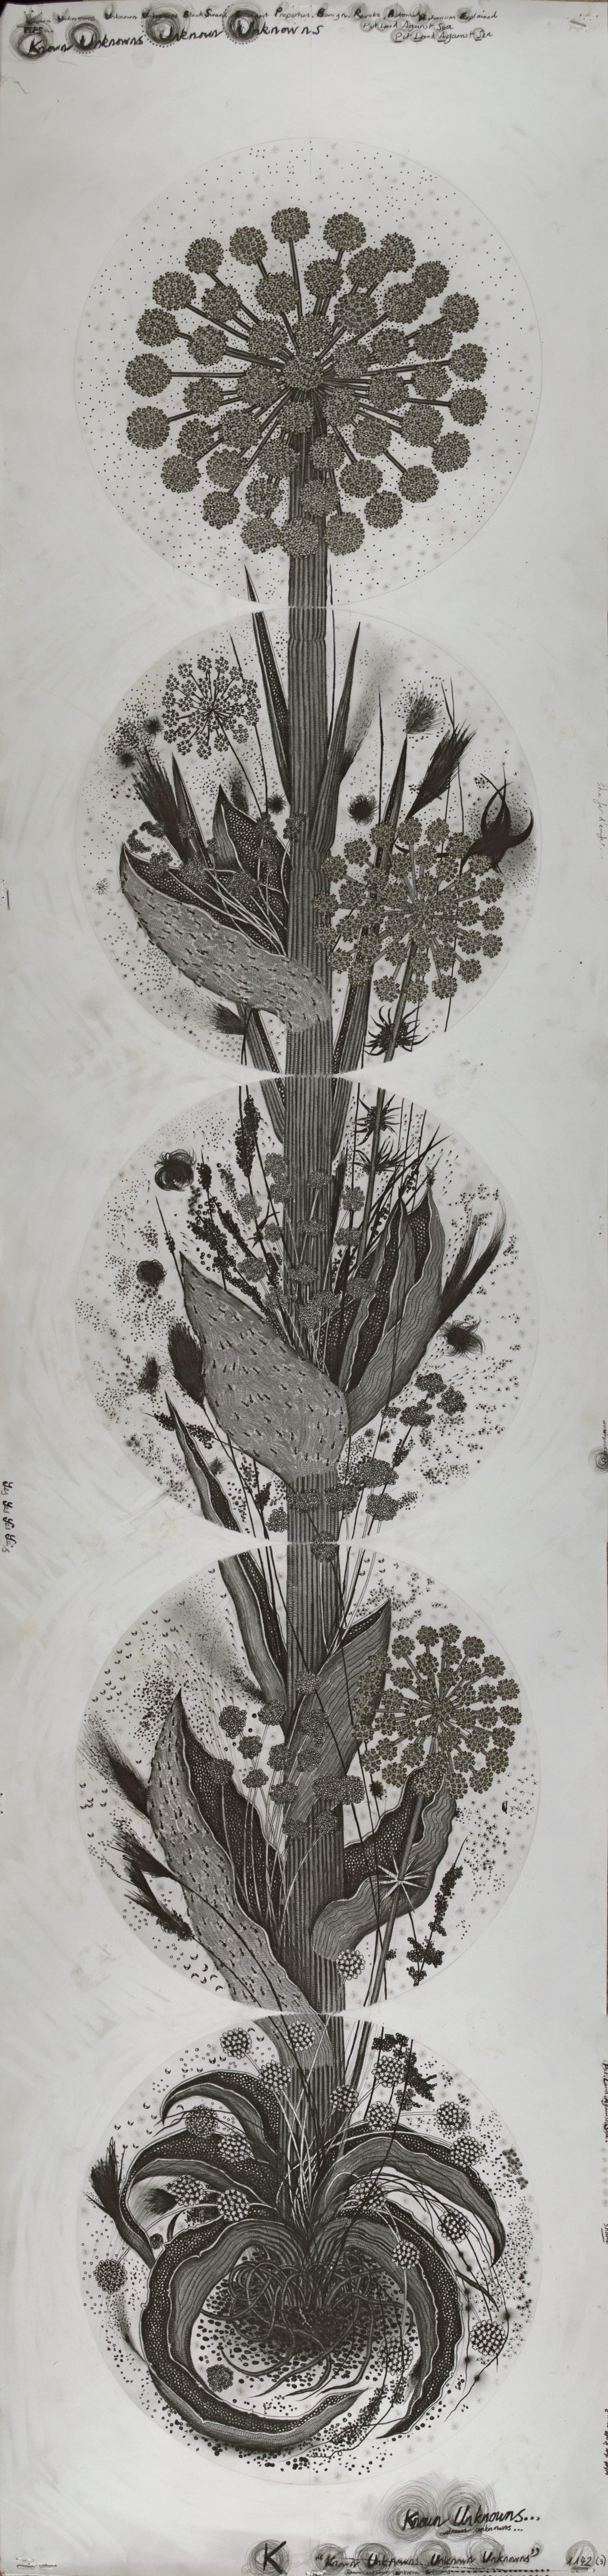 """© Hipkiss, """"1142- Instar 3"""", 165x40 cm, mine de plomb, encre argentée et feuille d'or blanc sur papier Fabriano 4, 2018, Courtesy Galerie C"""